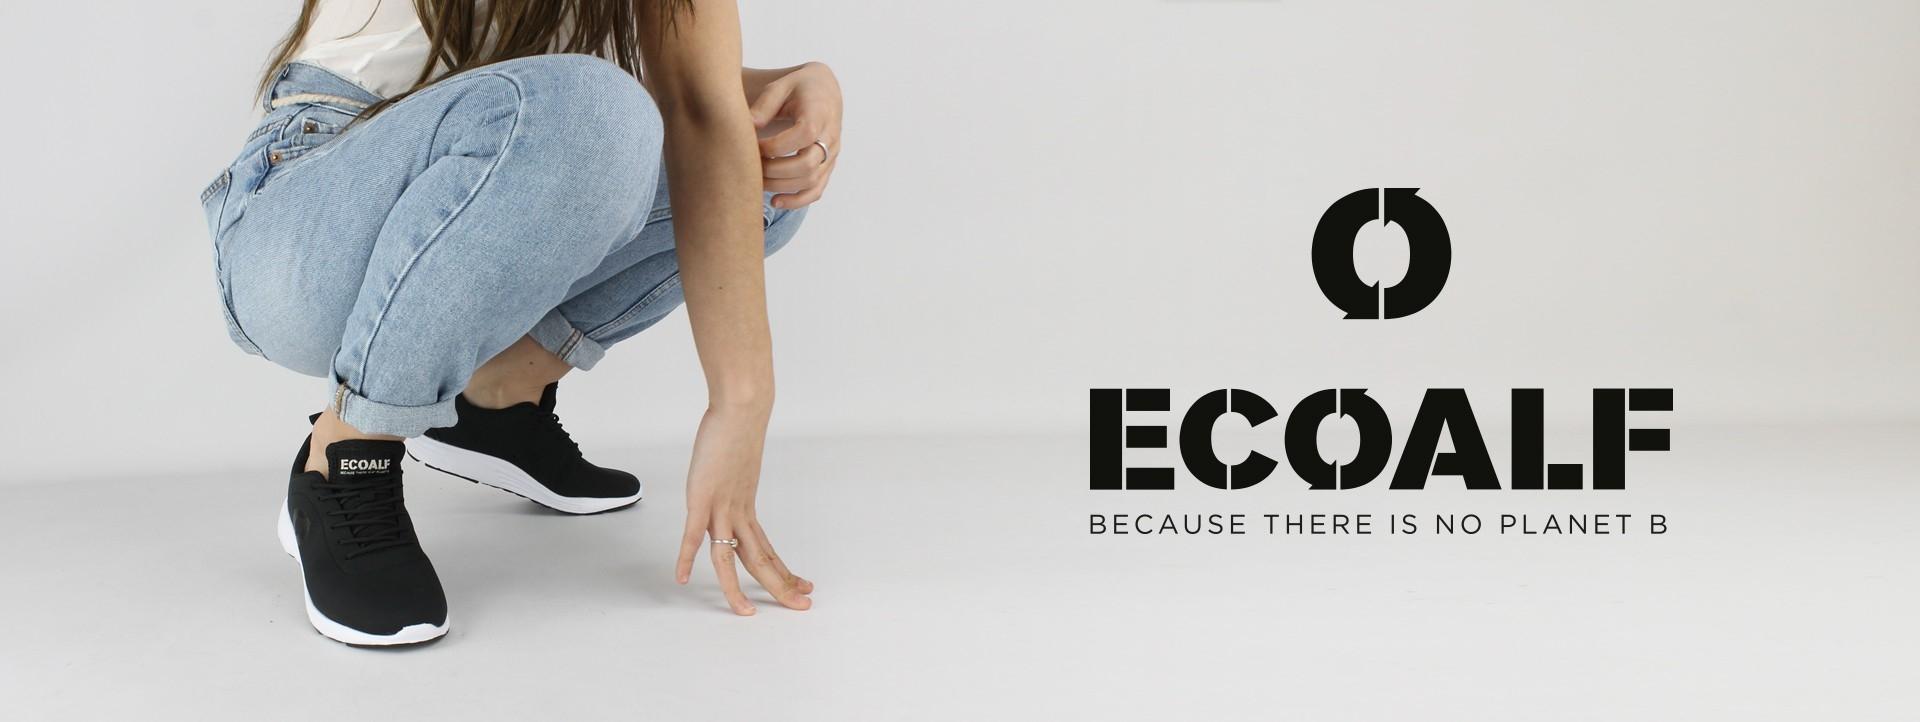 Ecoalf - VeganShoes.it